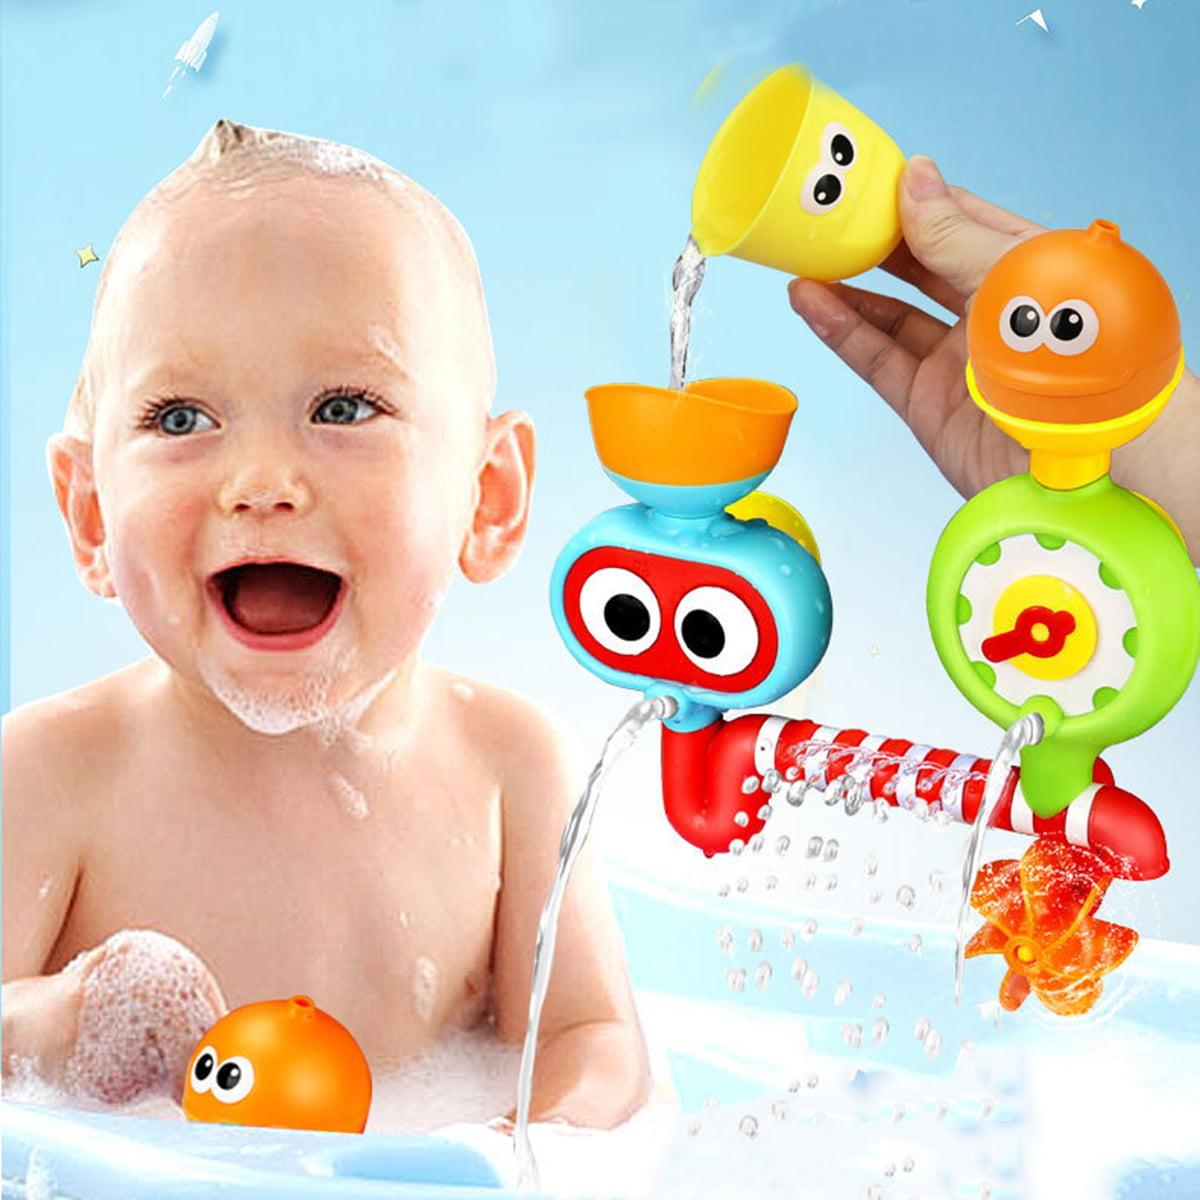 Outgeek Baby Bath Toy Set Creative Spray Station Bathtub Toy Bath Fun Toy Shower Toys for Baby Kids Boys Girls by Outgeek